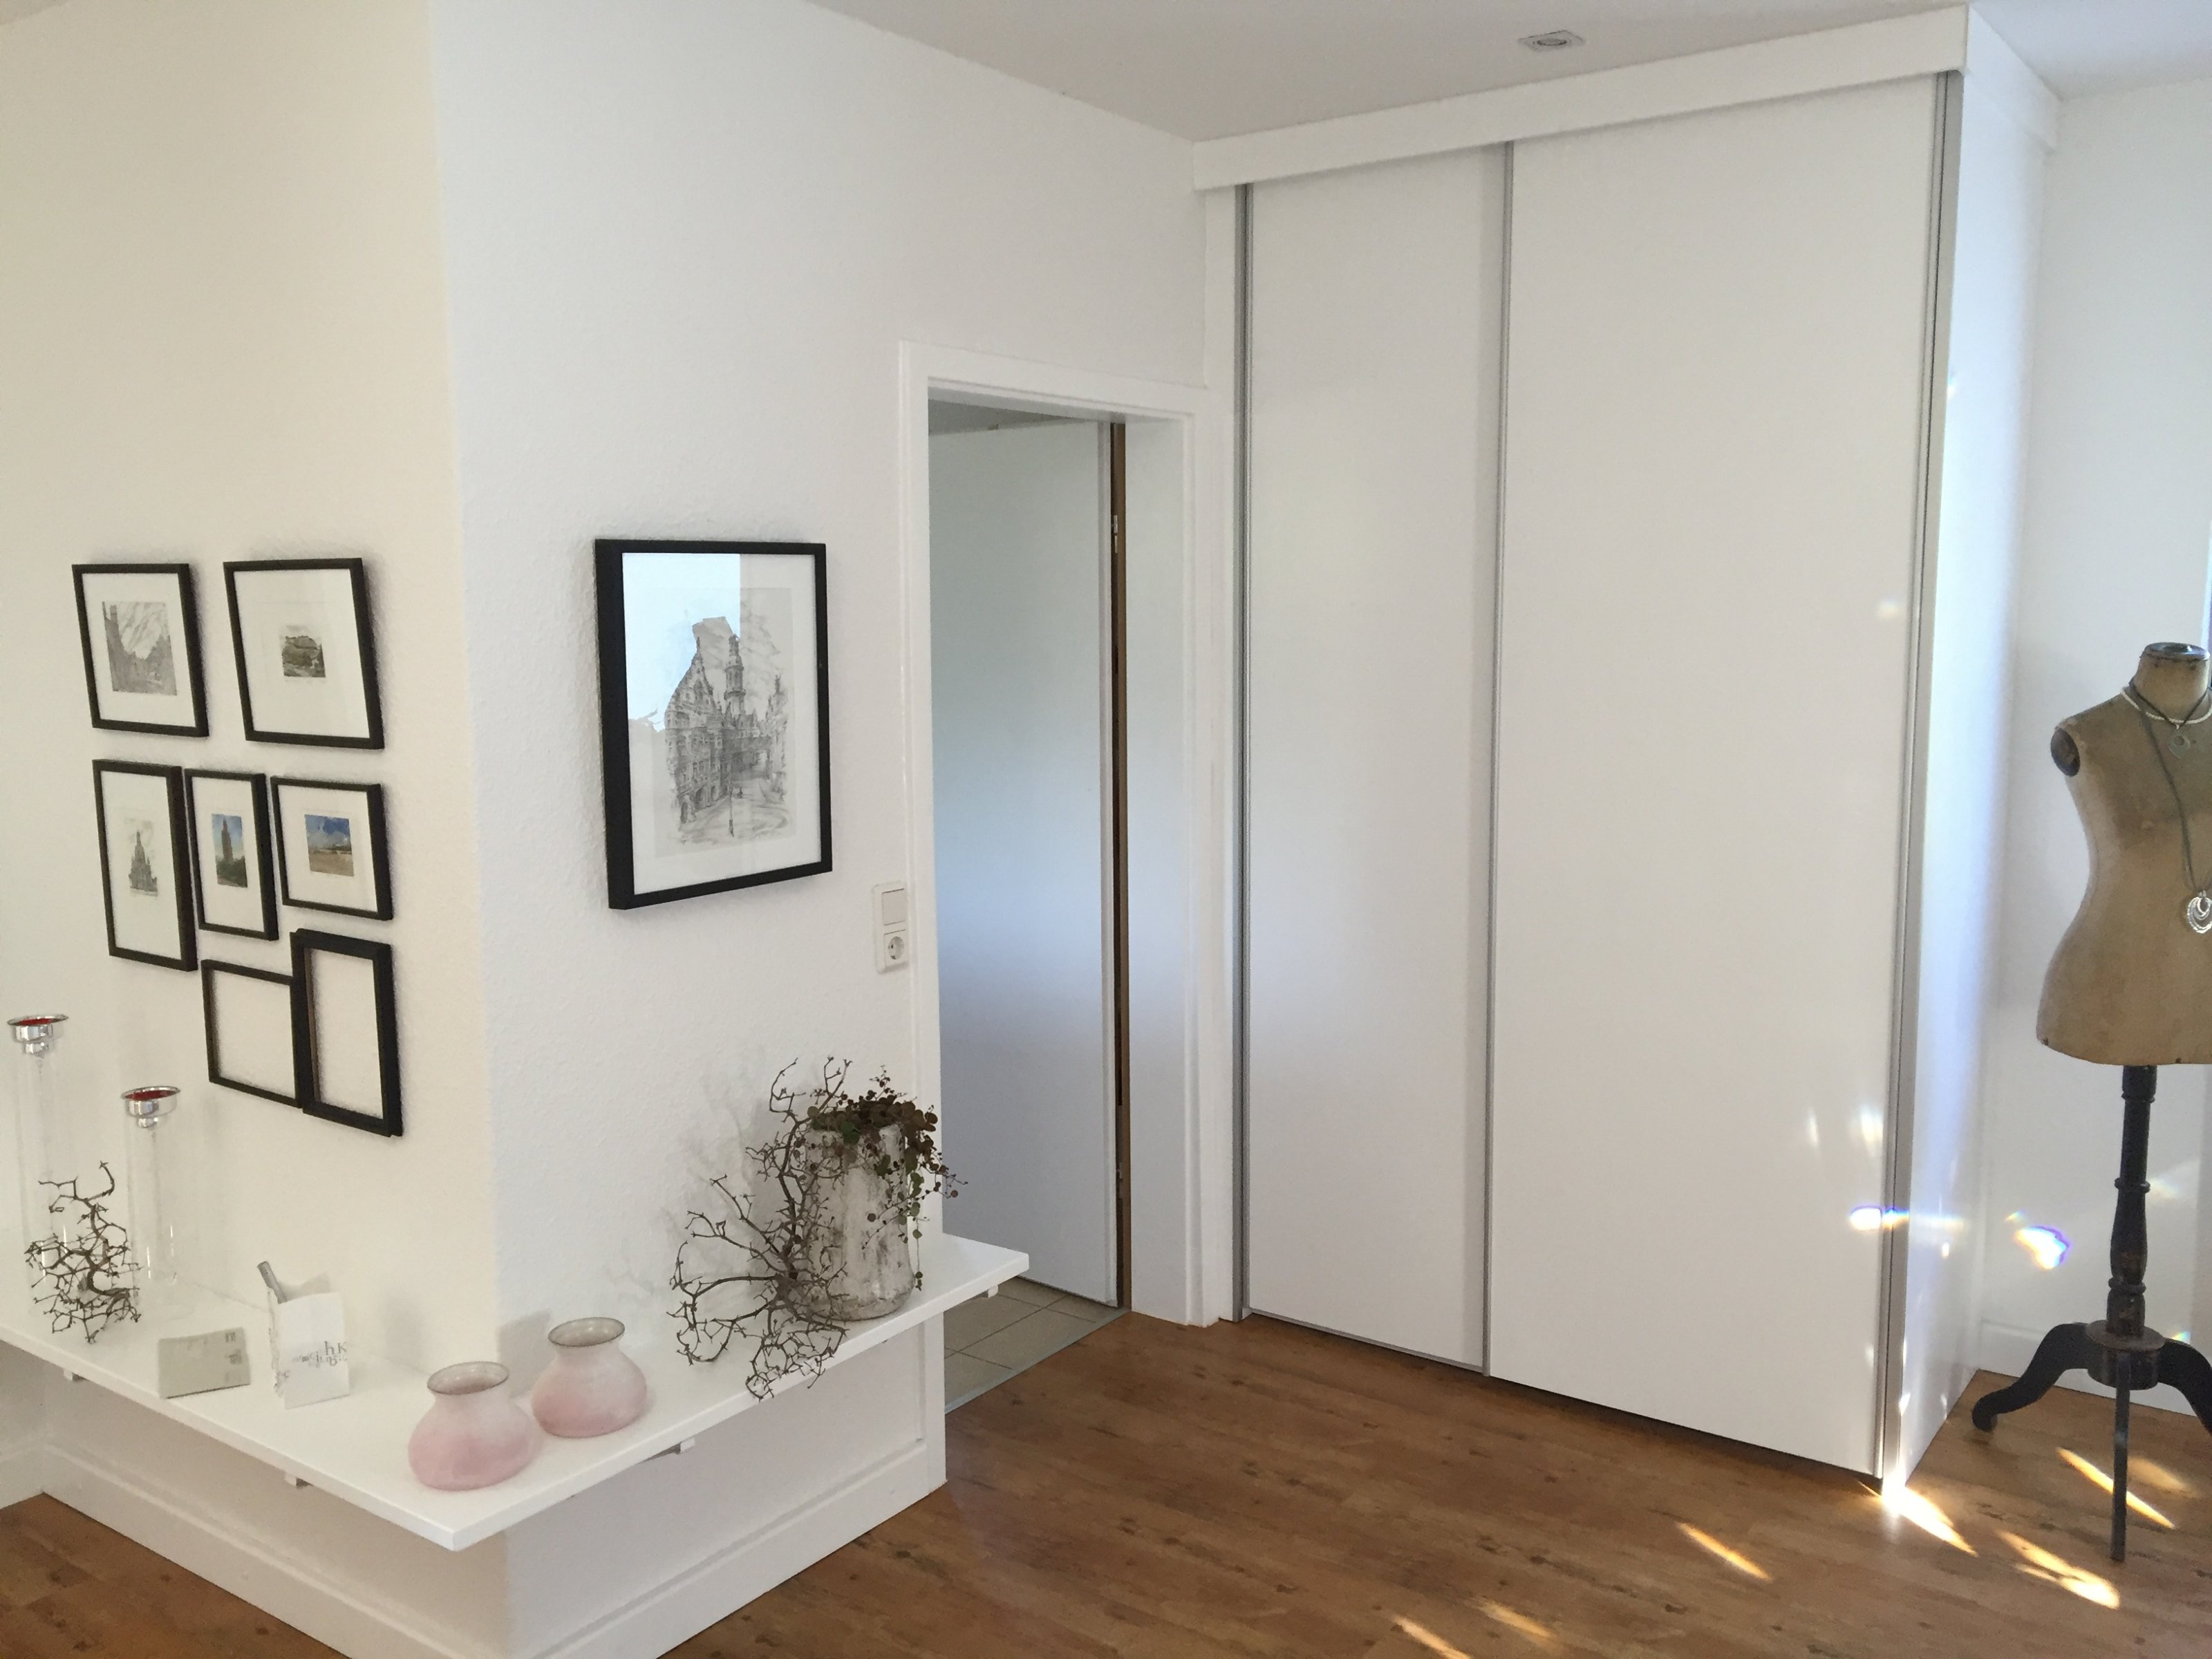 engen flur gestalten flur gestalten gro er flur gestalten flur gestalten tipps zum flur. Black Bedroom Furniture Sets. Home Design Ideas